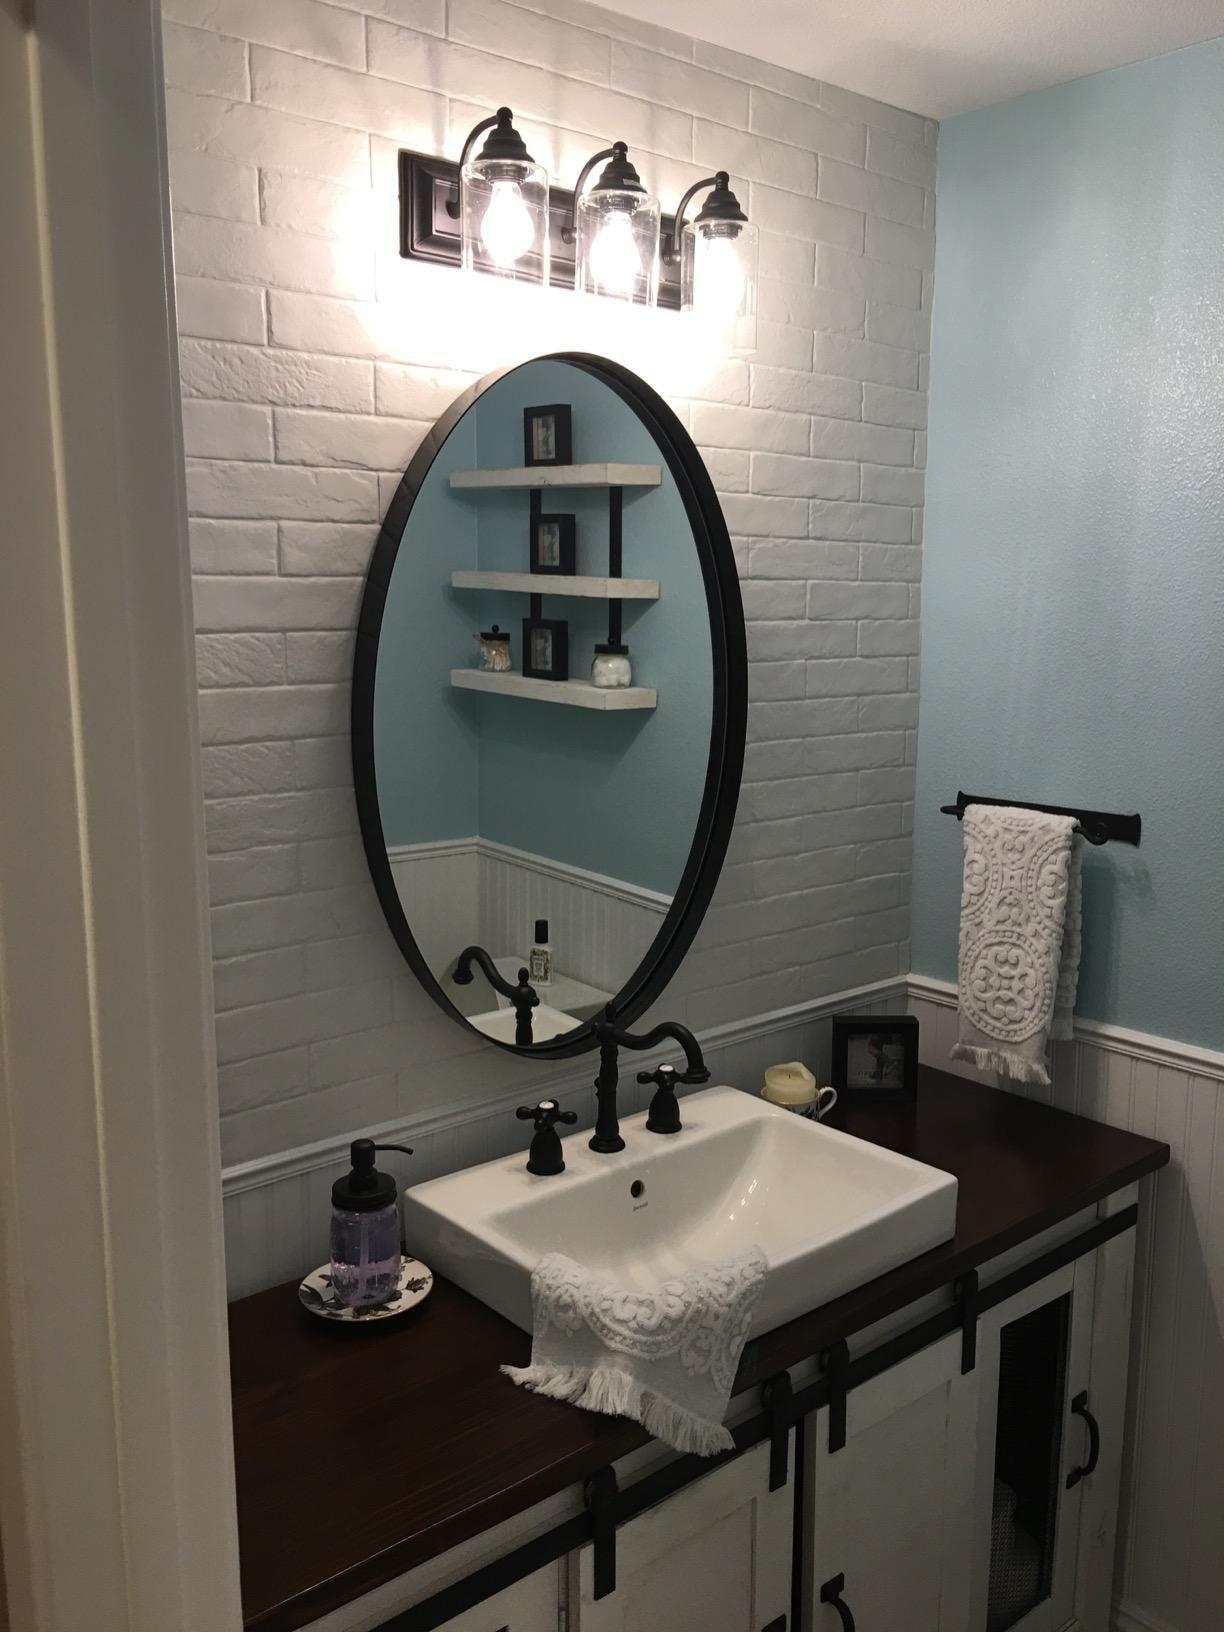 Bathroom Round Vanity Mirror 26 To 36 Diamete Us Stock Round Mirror Bathroom Oval Mirror Bathroom Farmhouse Bathroom Decor [ 1632 x 1224 Pixel ]